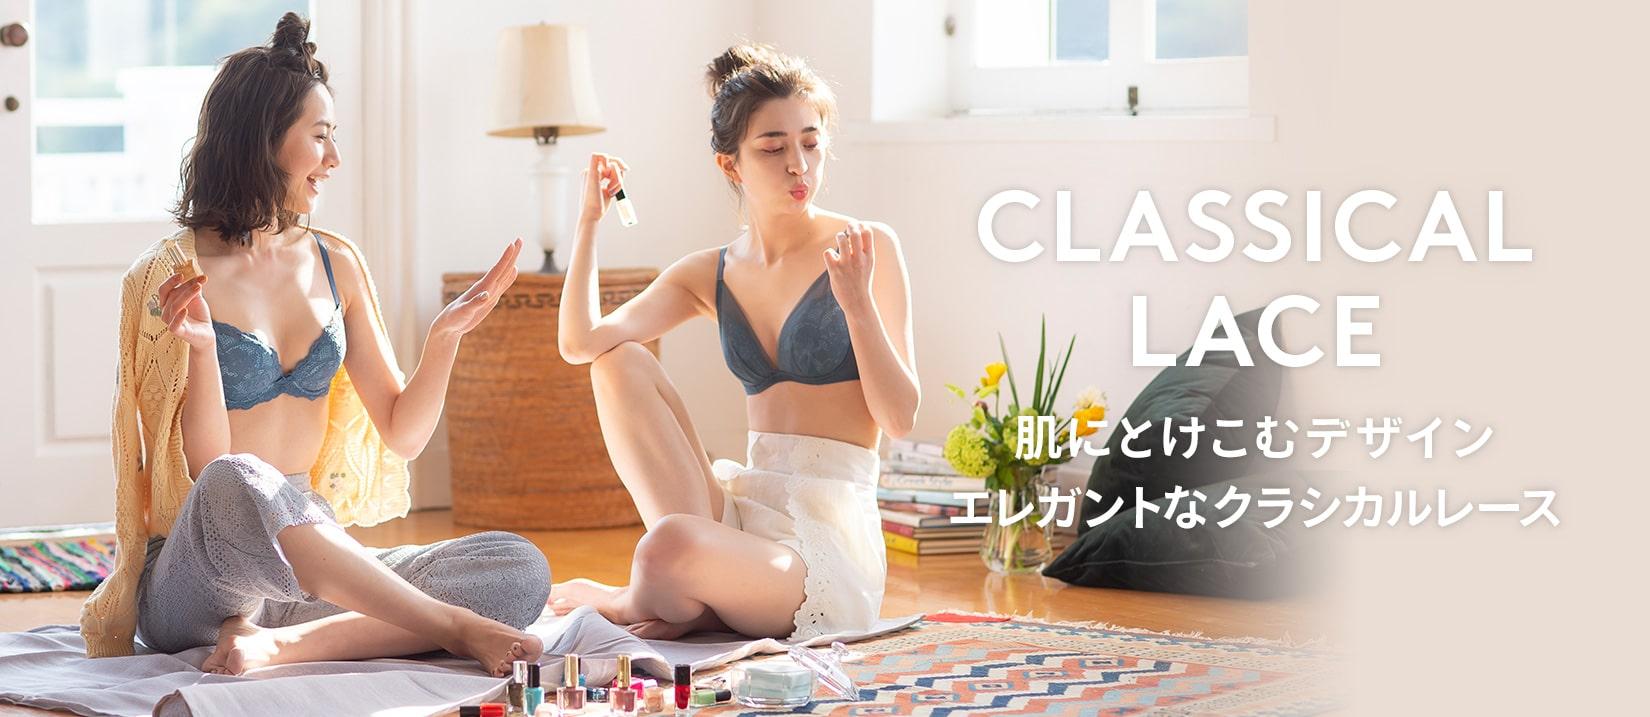 CLASSICAL LACE(クラシカルレース)